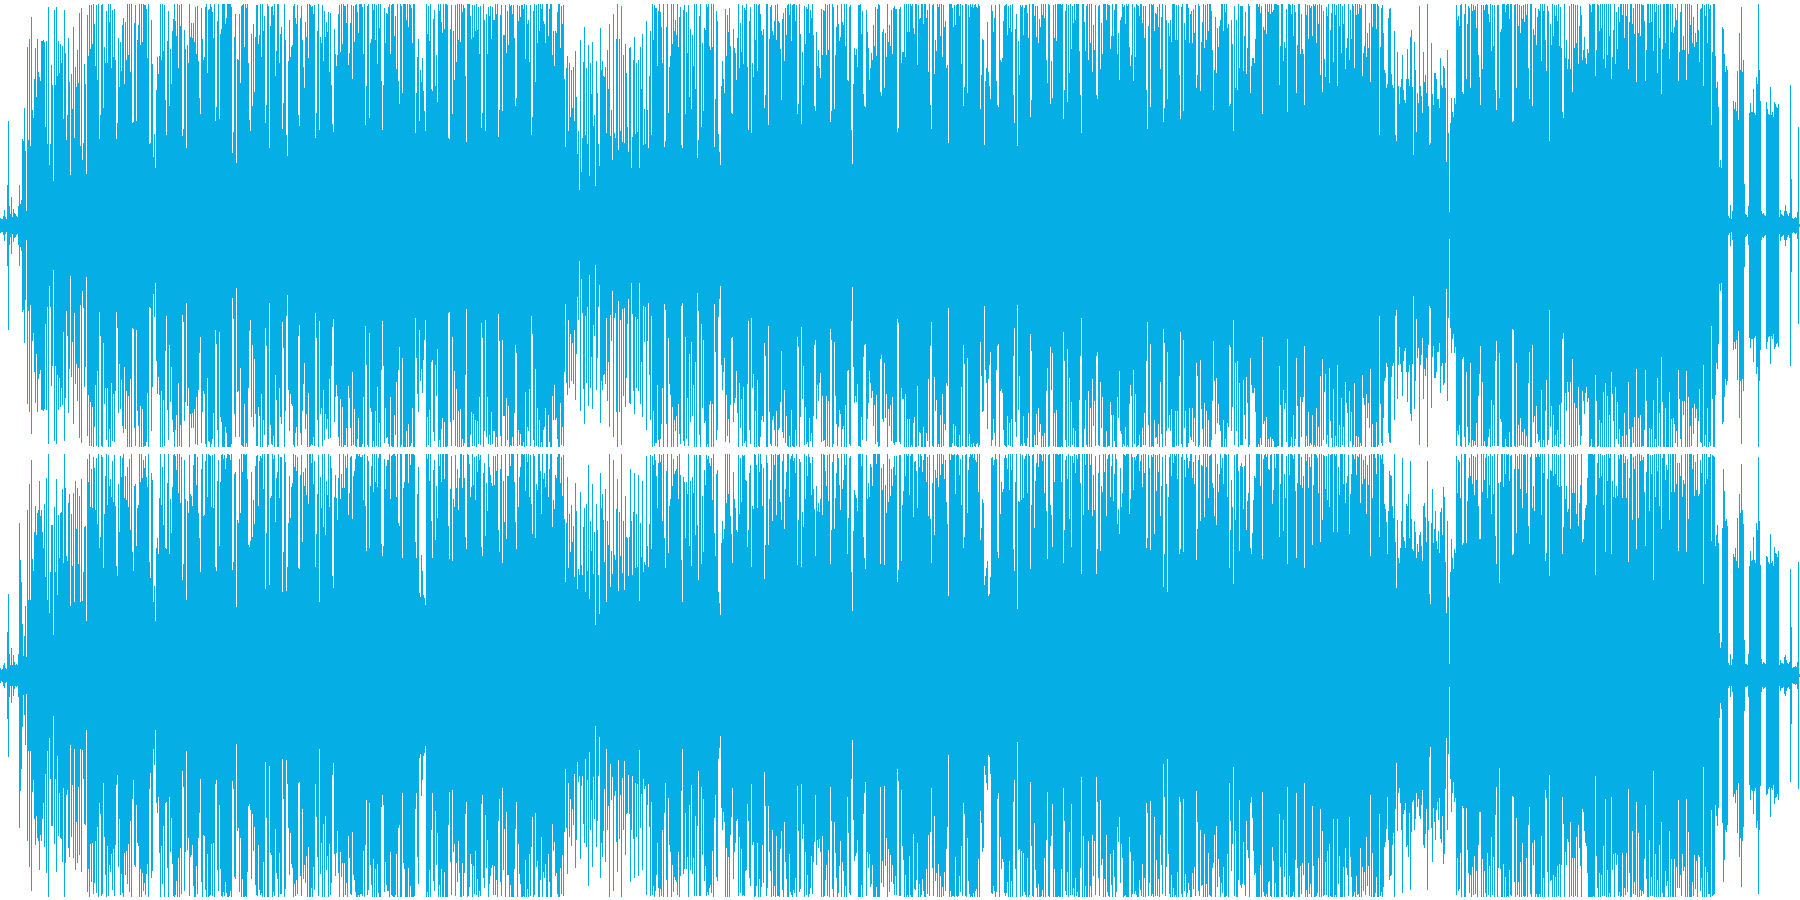 ヒップホップ風のファンキーなR&Bの再生済みの波形